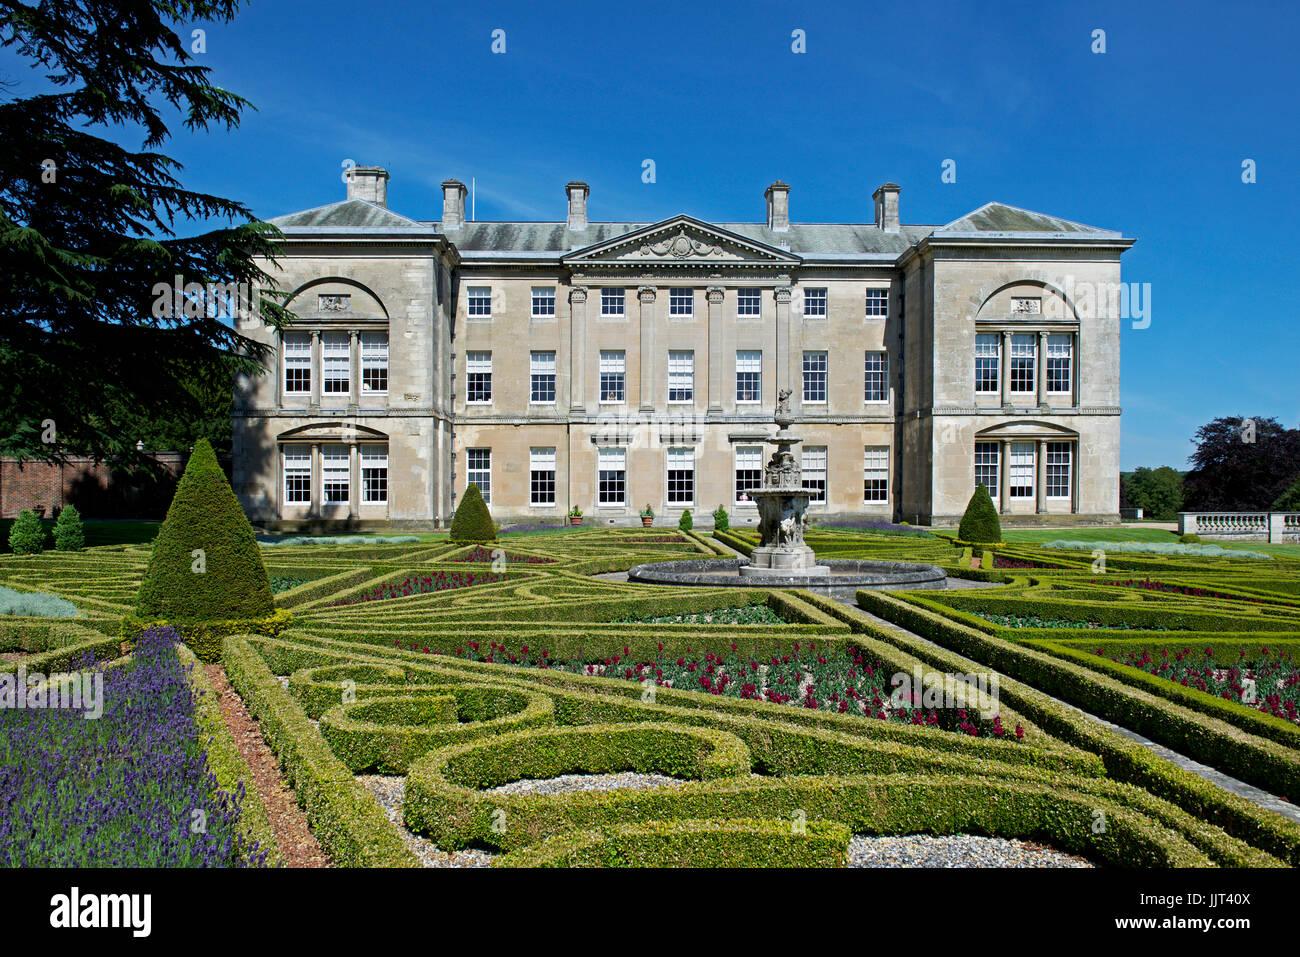 Sledmere House, East Yorkshire, England UK Stock Photo: 149276762